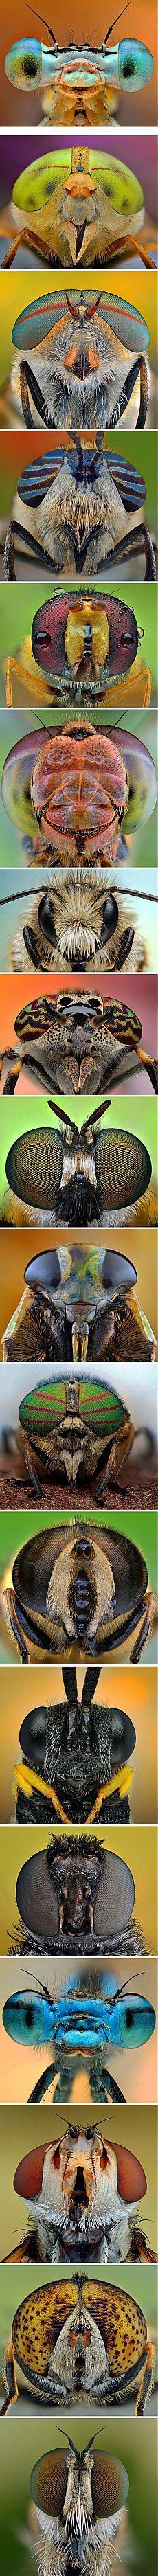 Фотограф Иренеуш Валедзик - коллекция глаза стрекоз, пчел и мух. (поверьте, такие фото стоят большого труда и денег.)